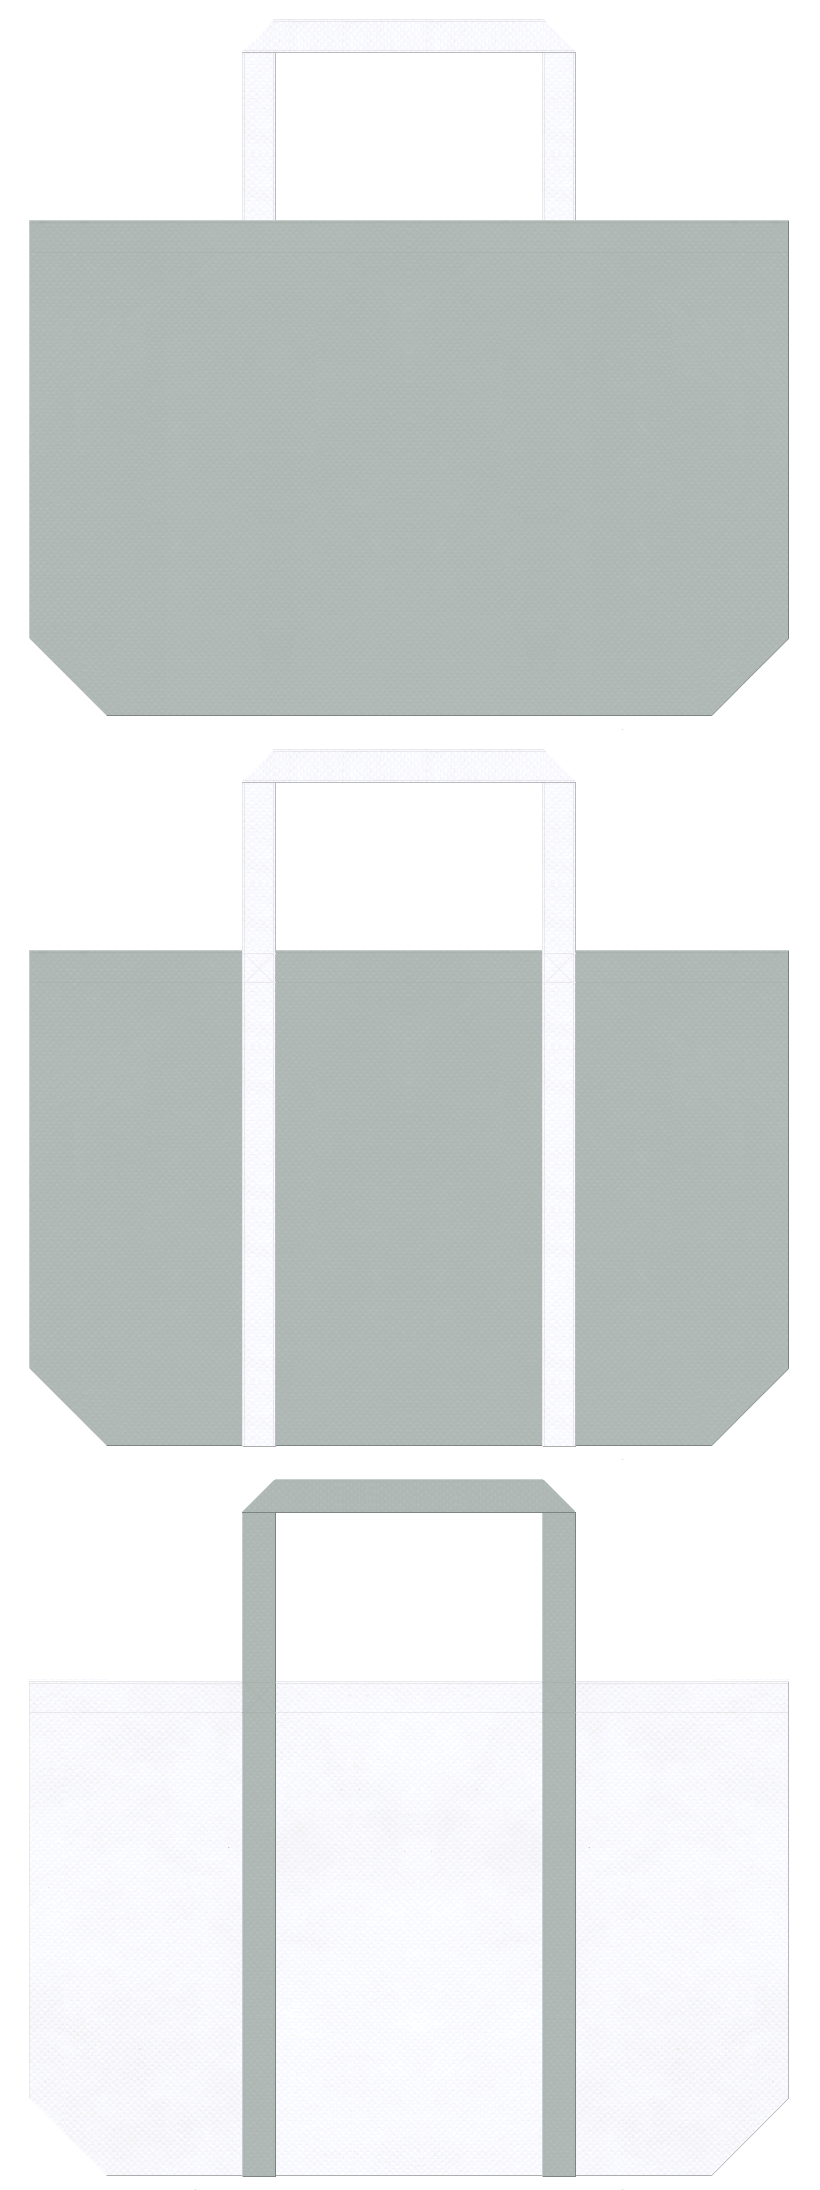 グレー色と白色の不織布エコバッグのデザイン。業務用冷蔵庫・クーラーのイメージにお奨めの配色です。